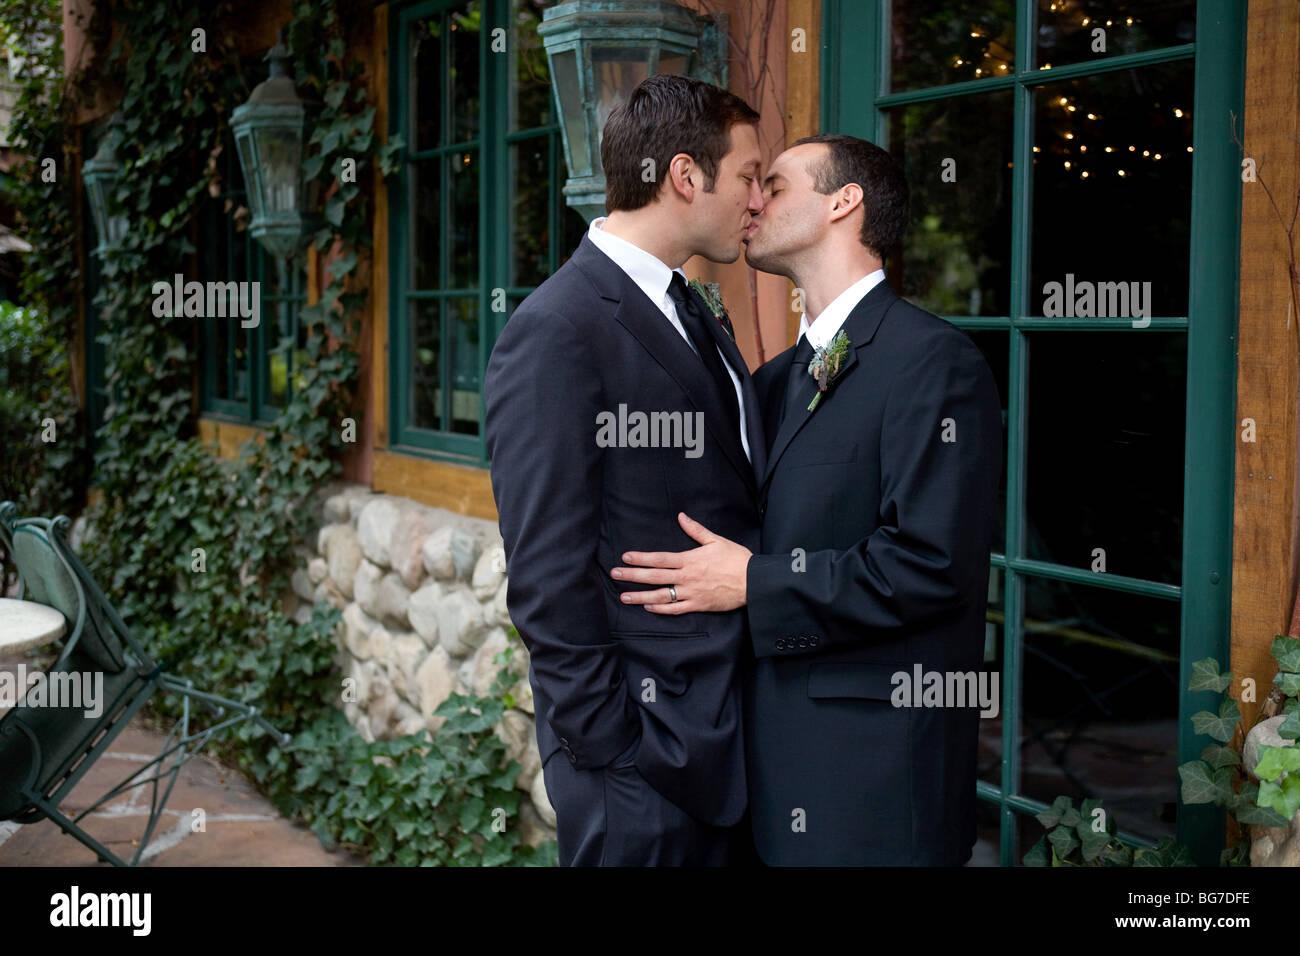 Zwei schwule Männer küssen und lächelnd nach ihrer Hochzeit ...